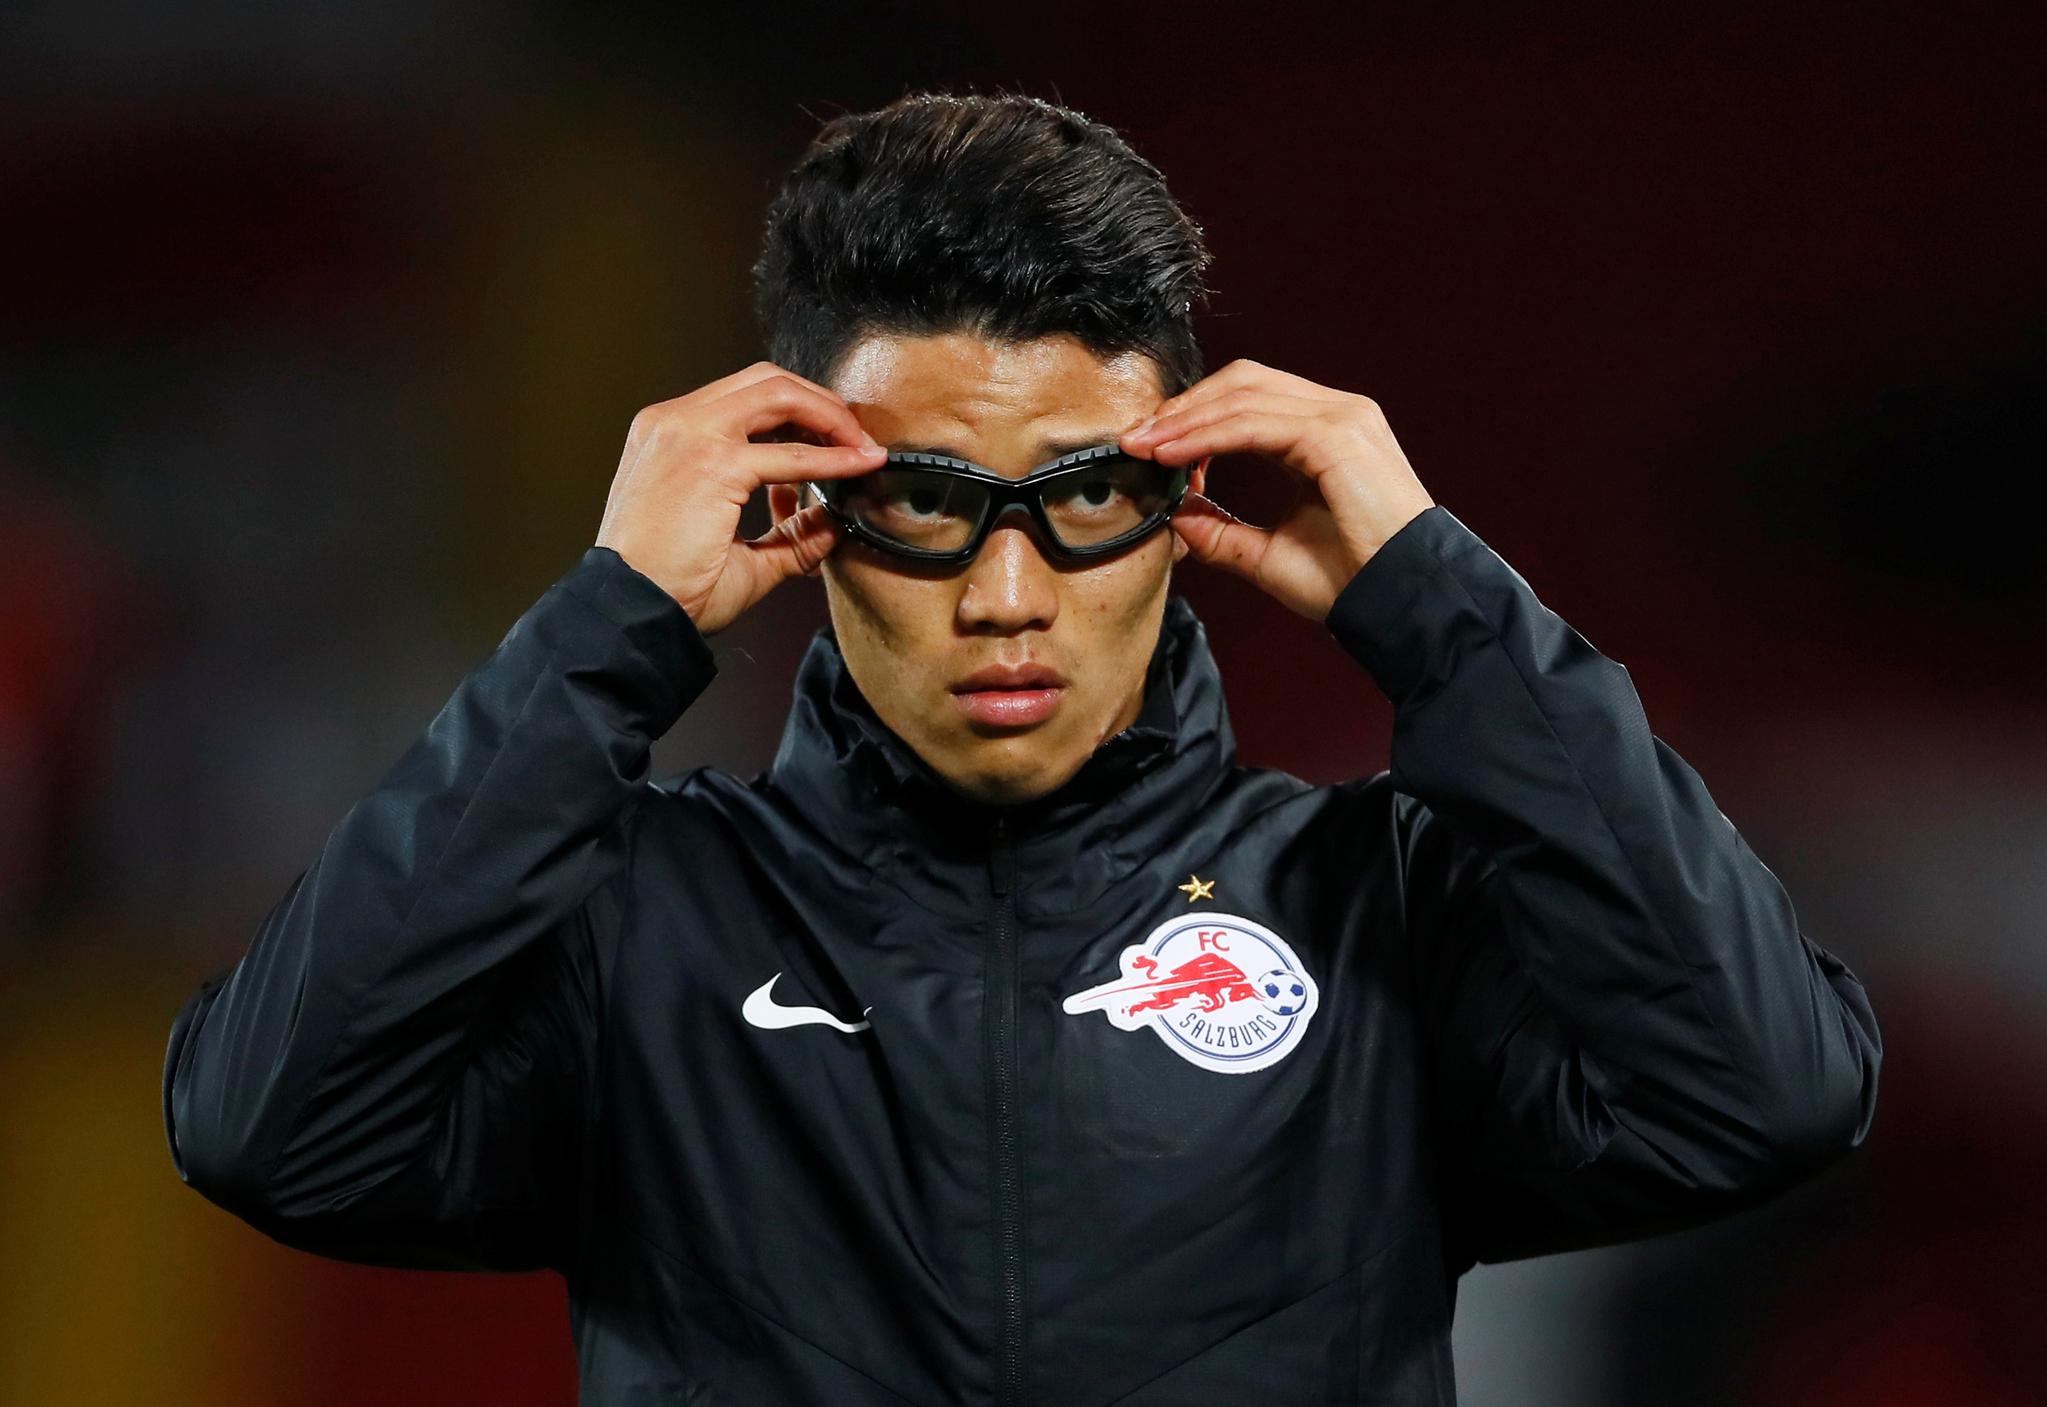 최근 망막을 다쳐 고글을 착용한 황희찬. 리버풀과 경기 도중 고글을 벗고 뛰었다. [로이터=연합뉴스]